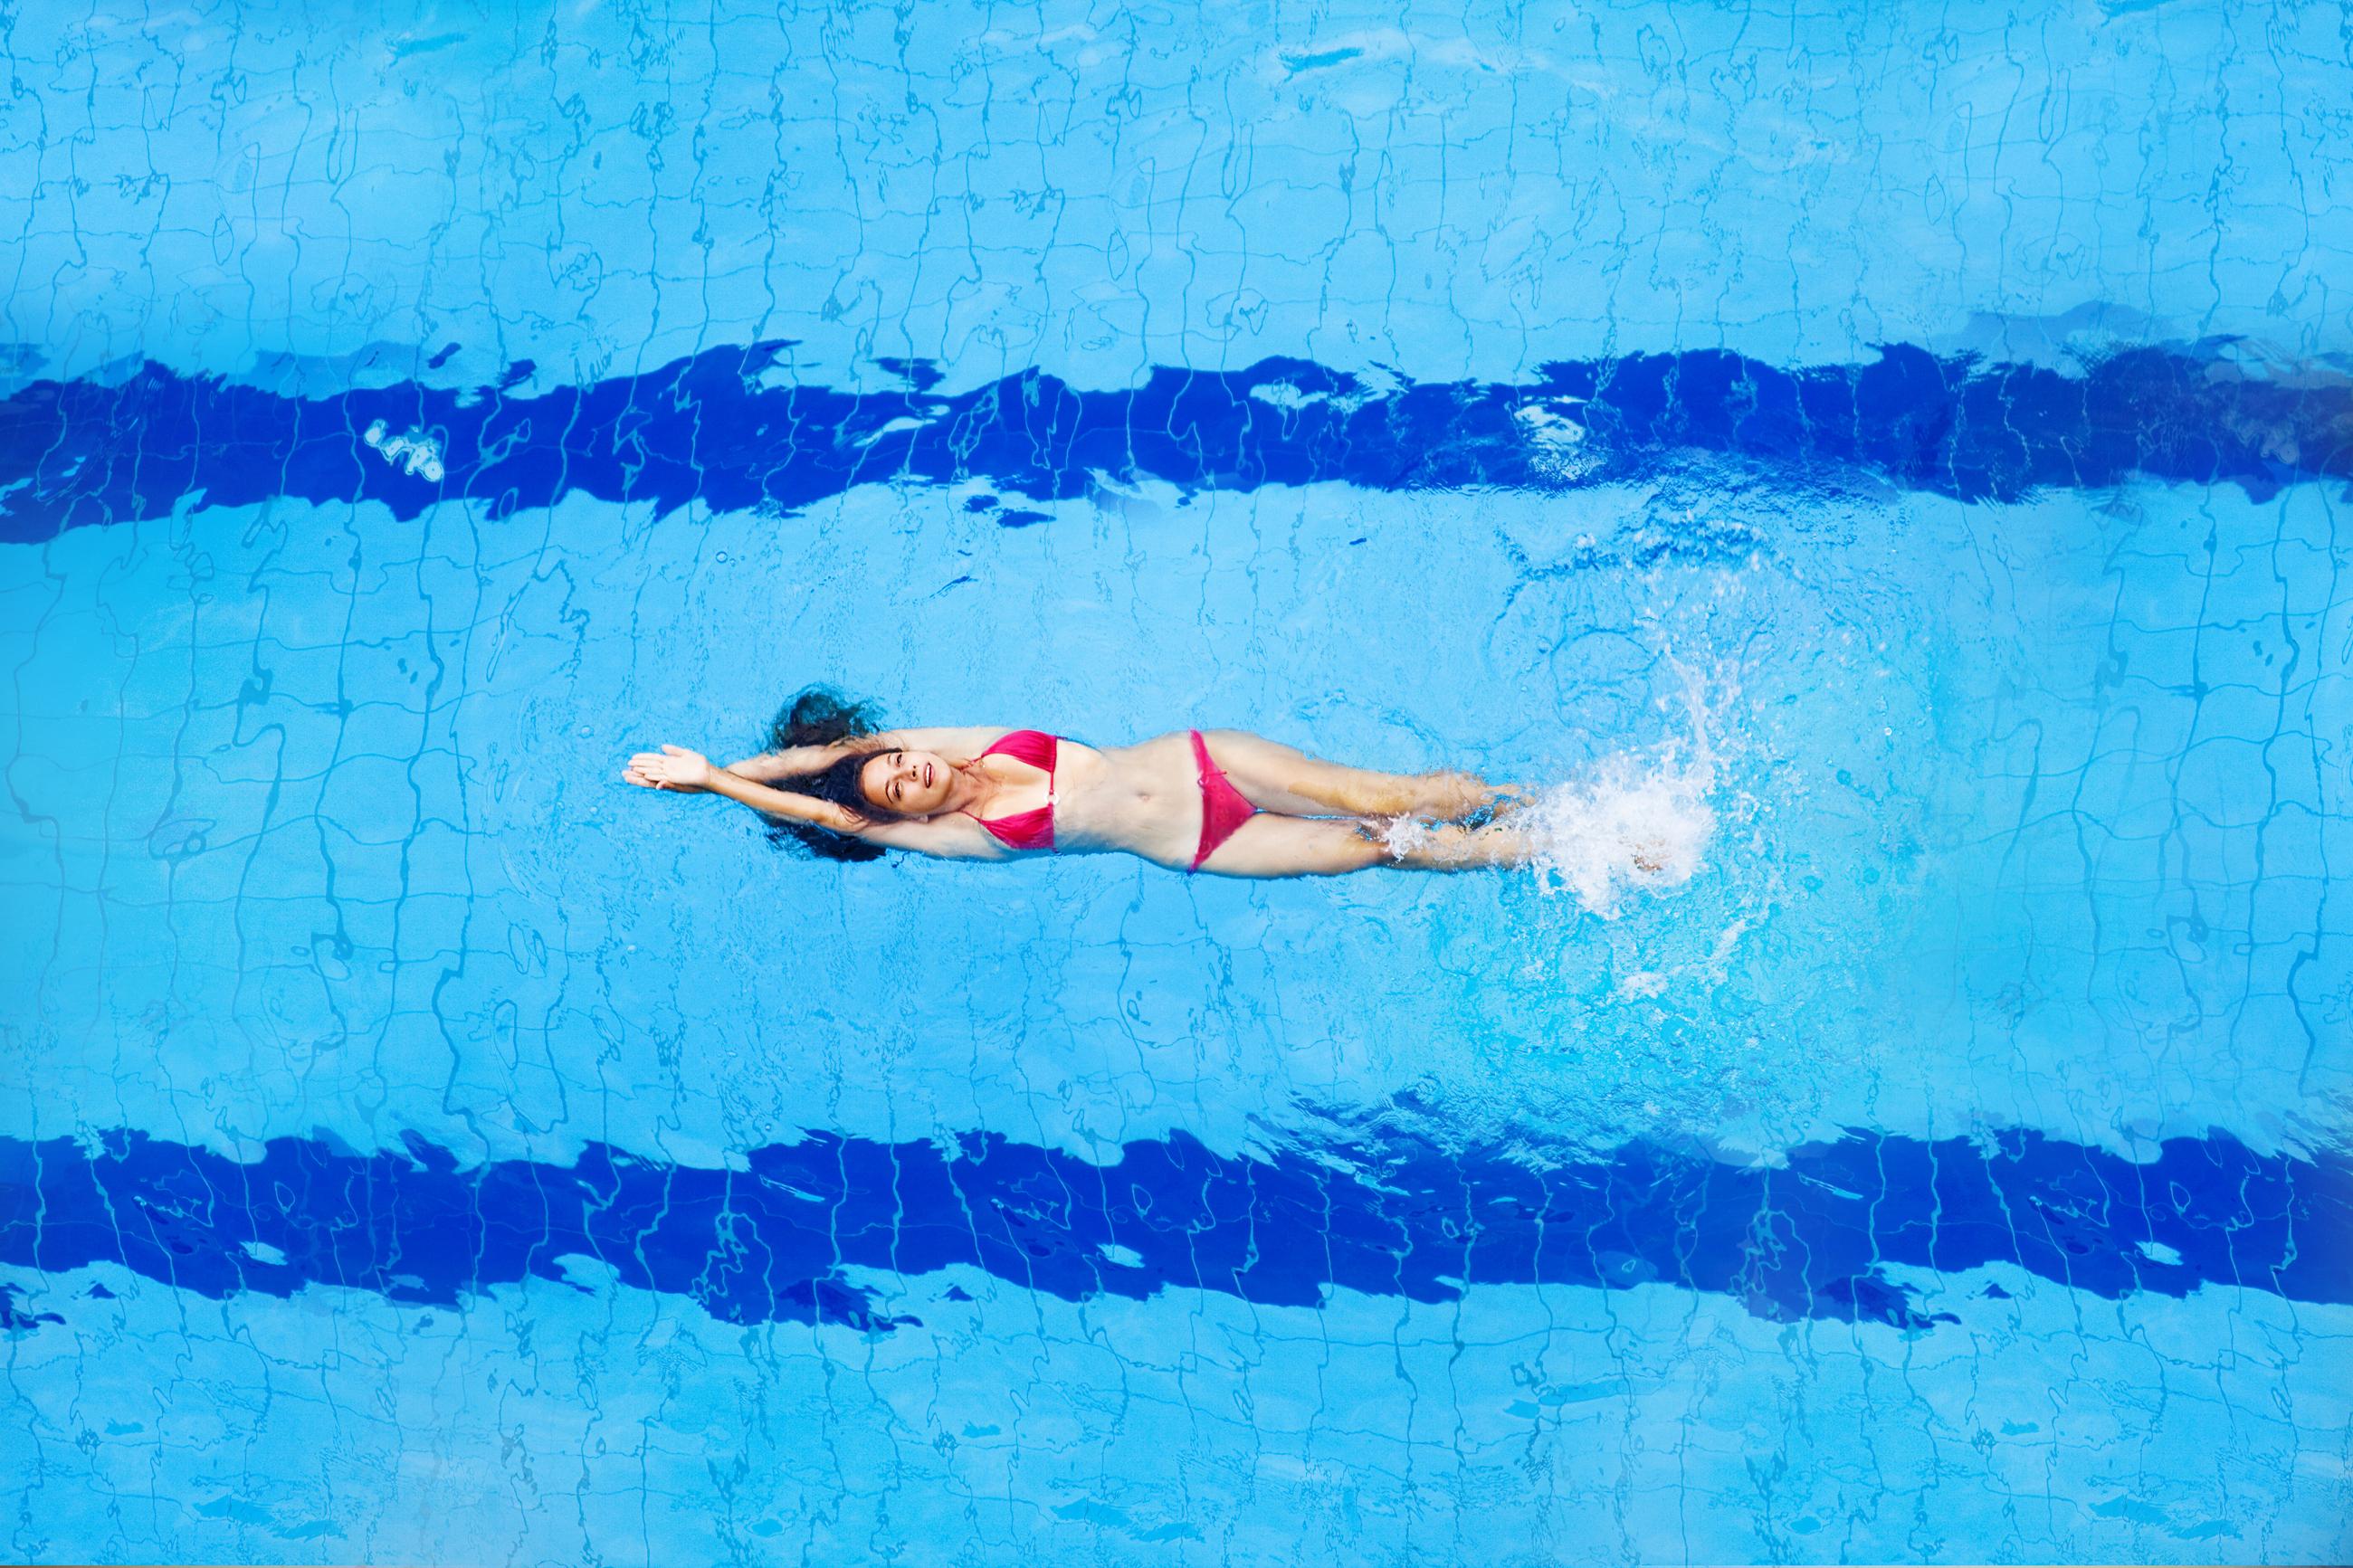 Strój na basen jaki najlepszy? – Warszawskie